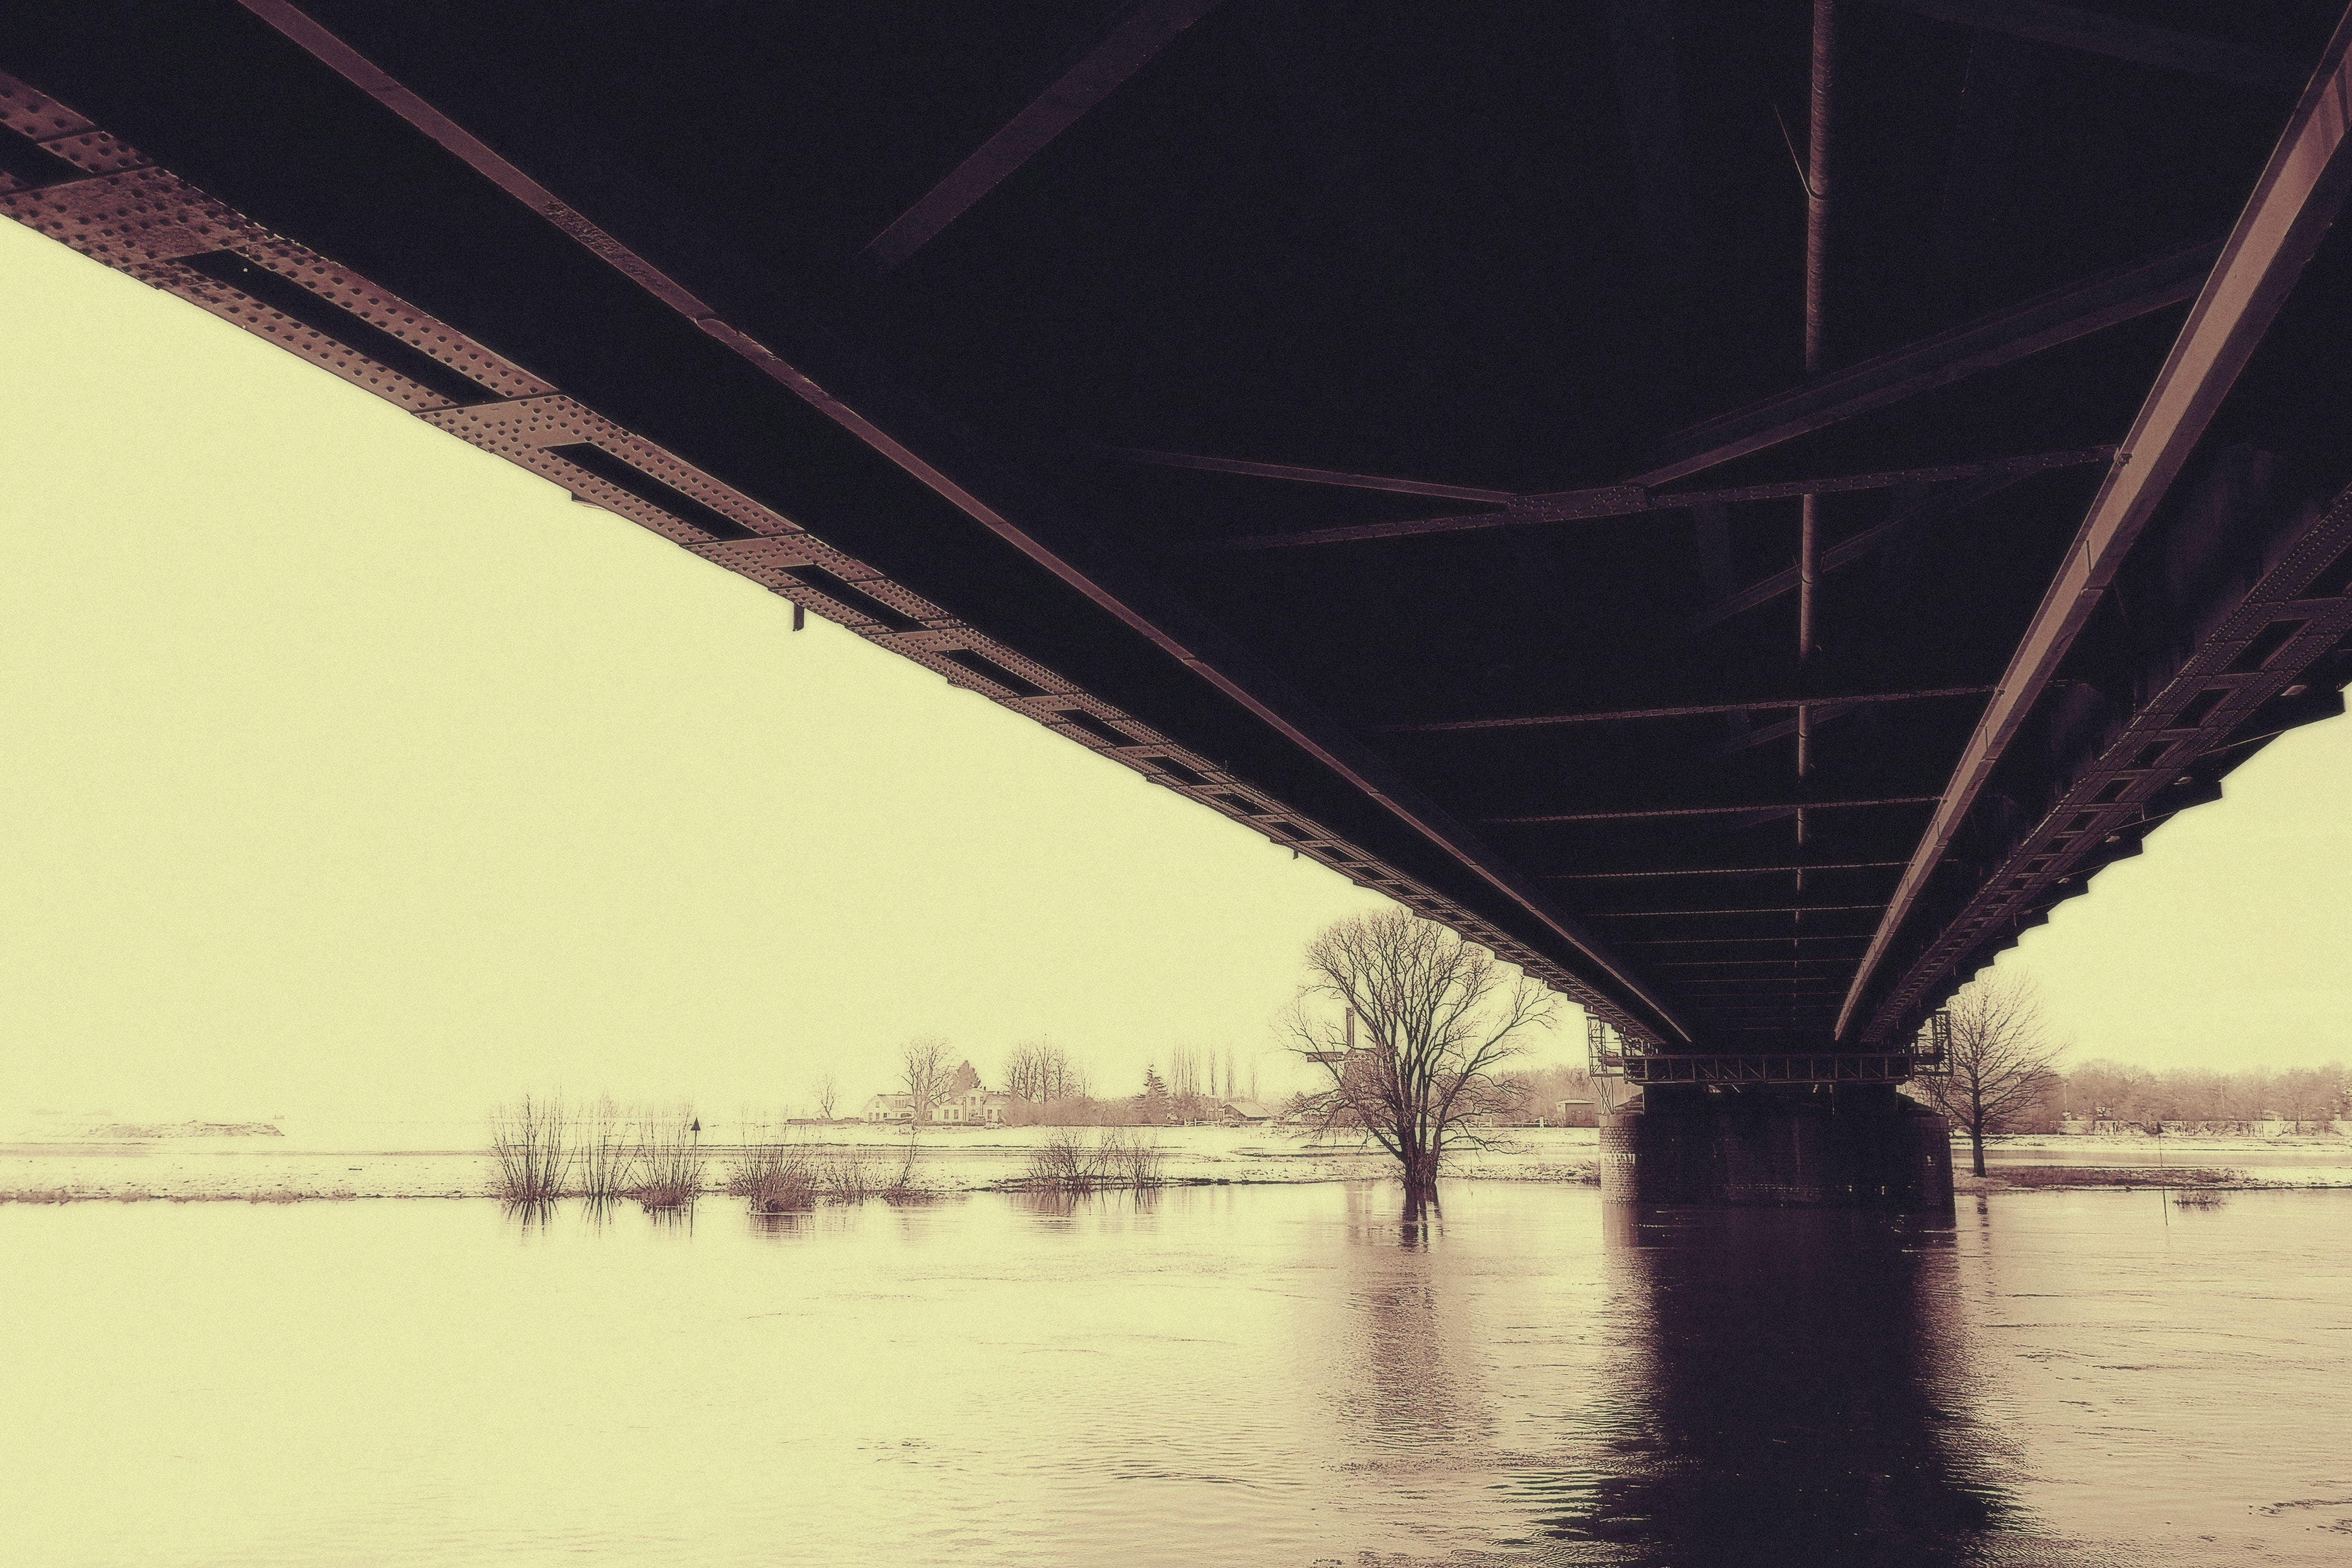 Základová fotografie zdarma na téma architektura, černobílá, denní světlo, krajina